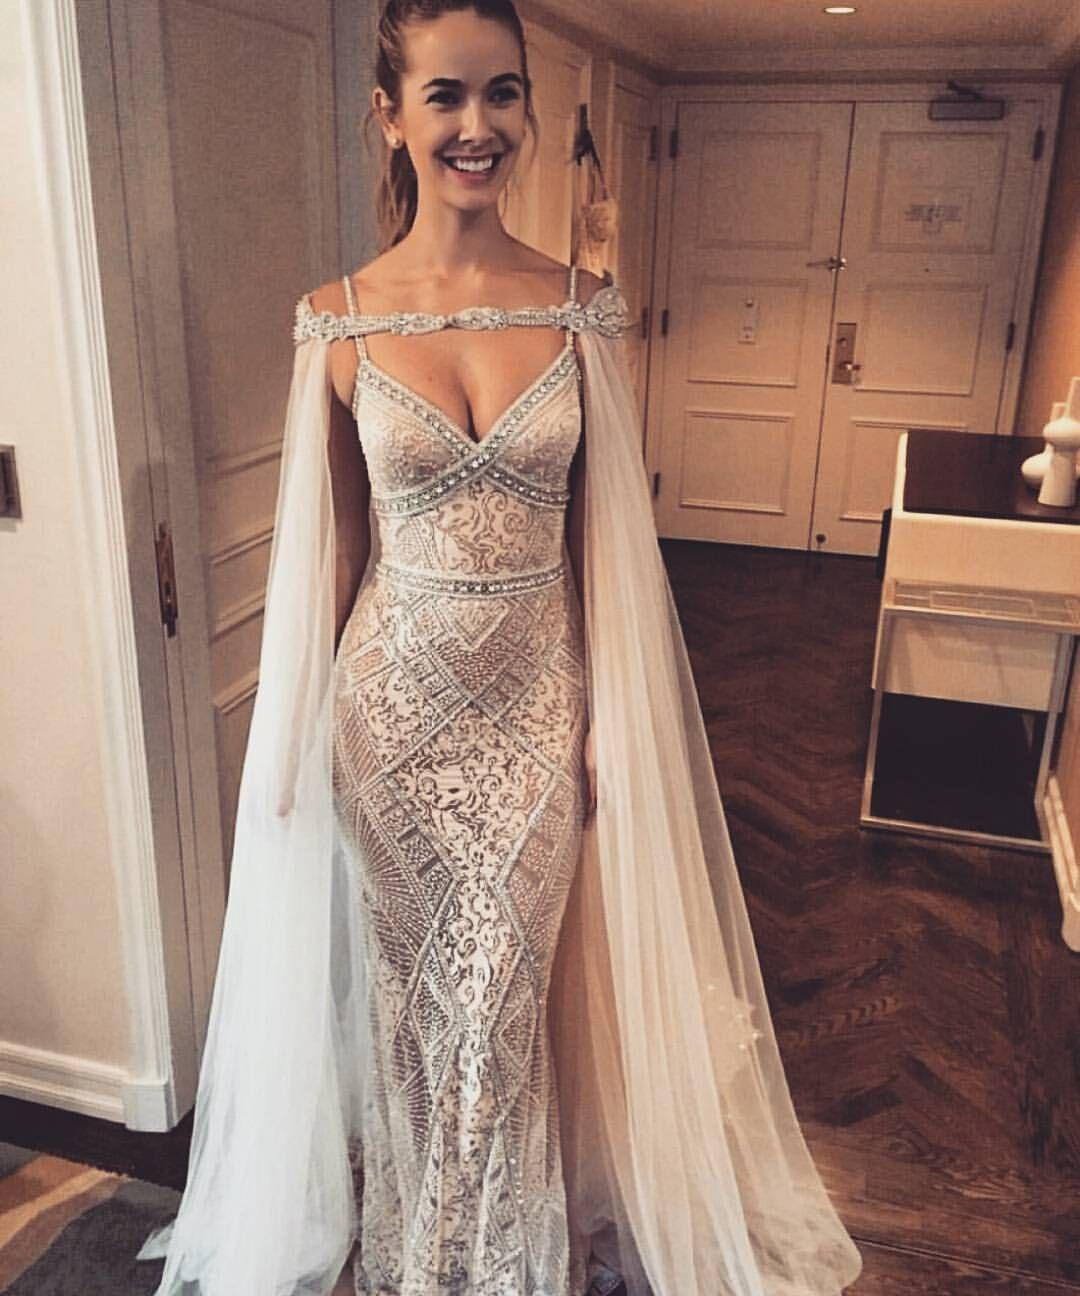 Knee length vintage wedding dresses   Bubbly Brides u Bites  on Instagram ucGraceful as a swan